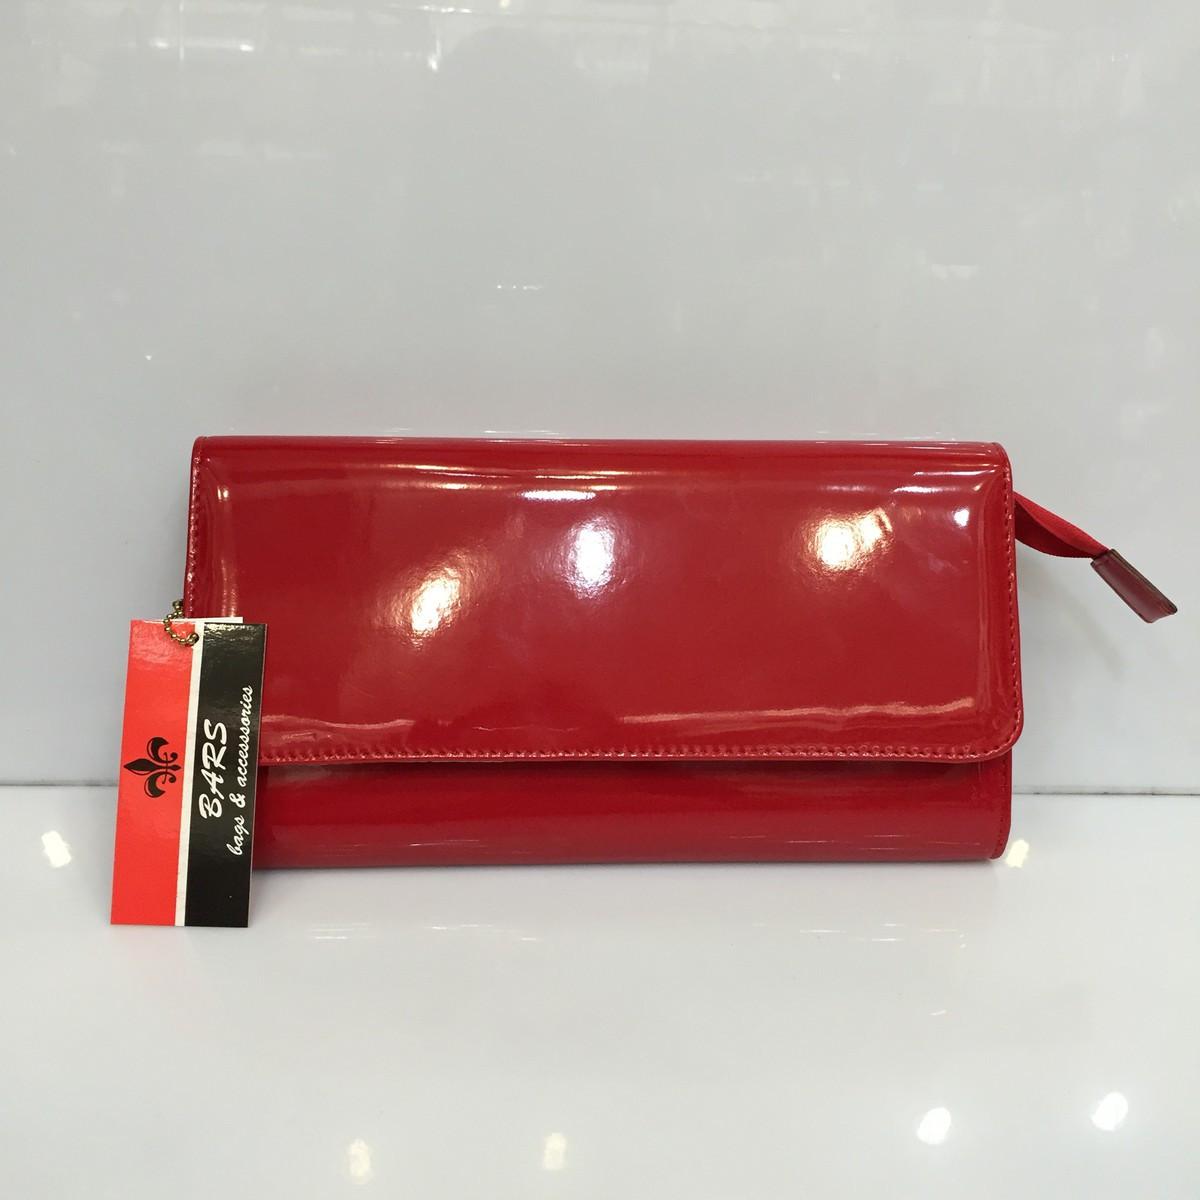 afbb33546b8b Женская сумка клатч Bars Барс 1069 красный лаковый классический ...